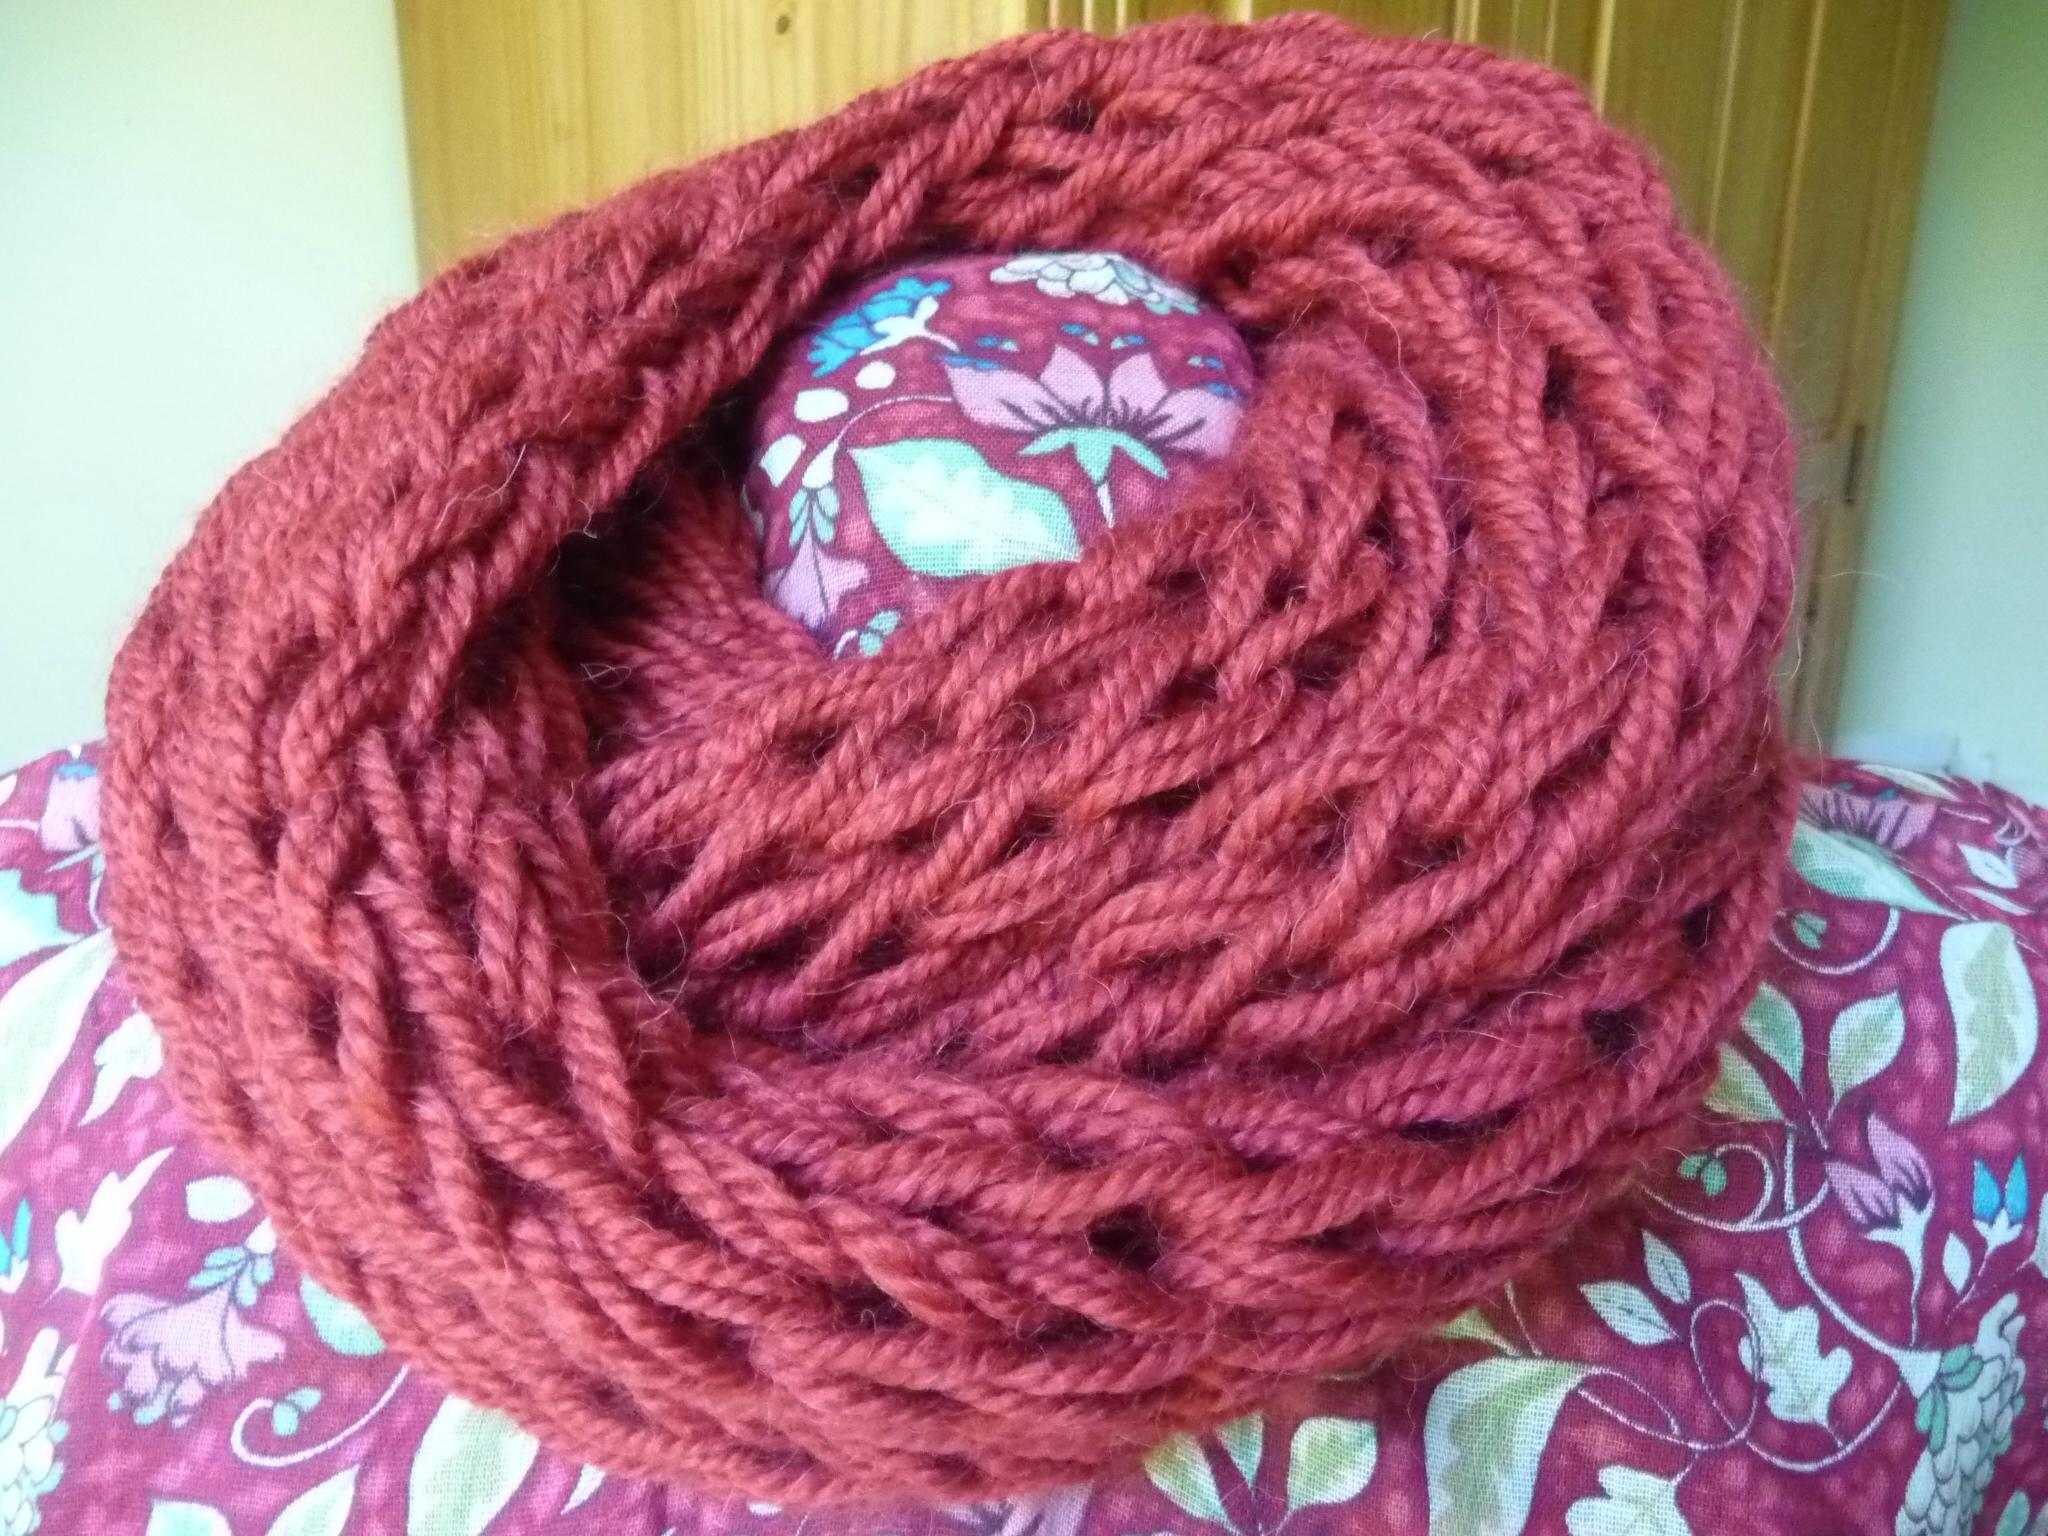 Mod le tricot echarpe aiguille 6 - Tricoter une echarpe grosse maille ...